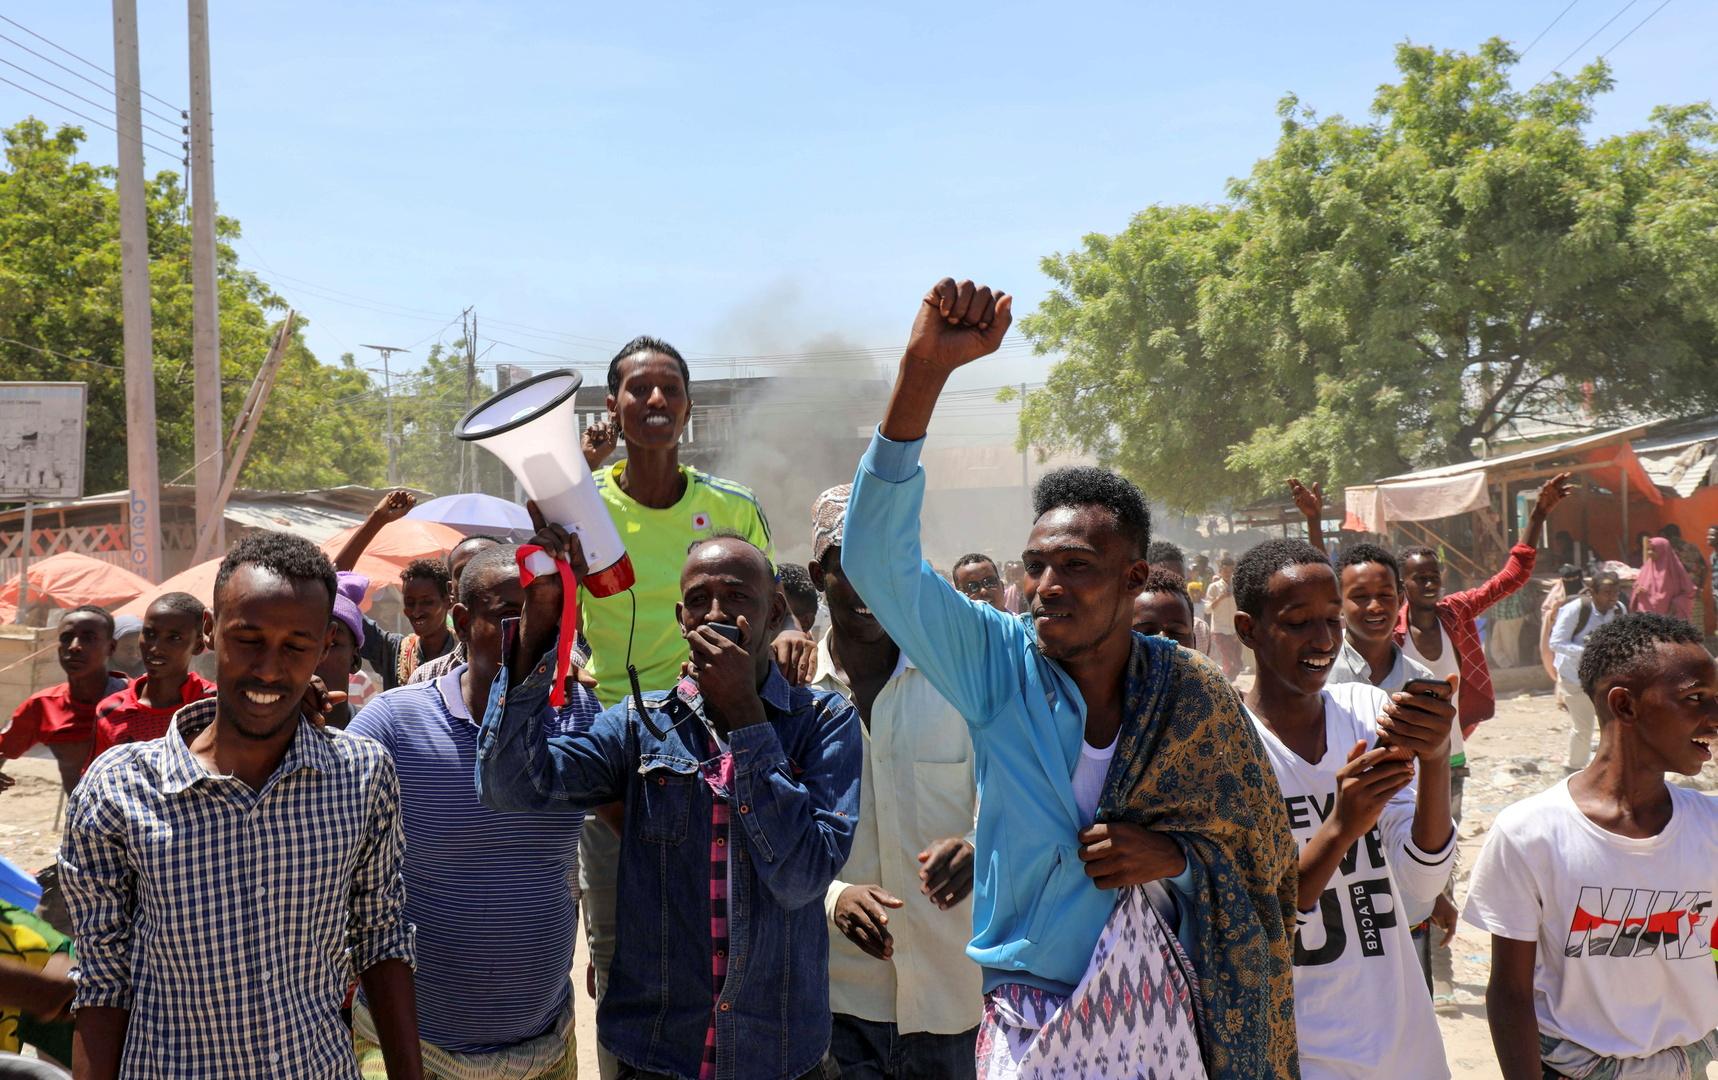 احتجاجات في العاصمة الصومالية مقديشو